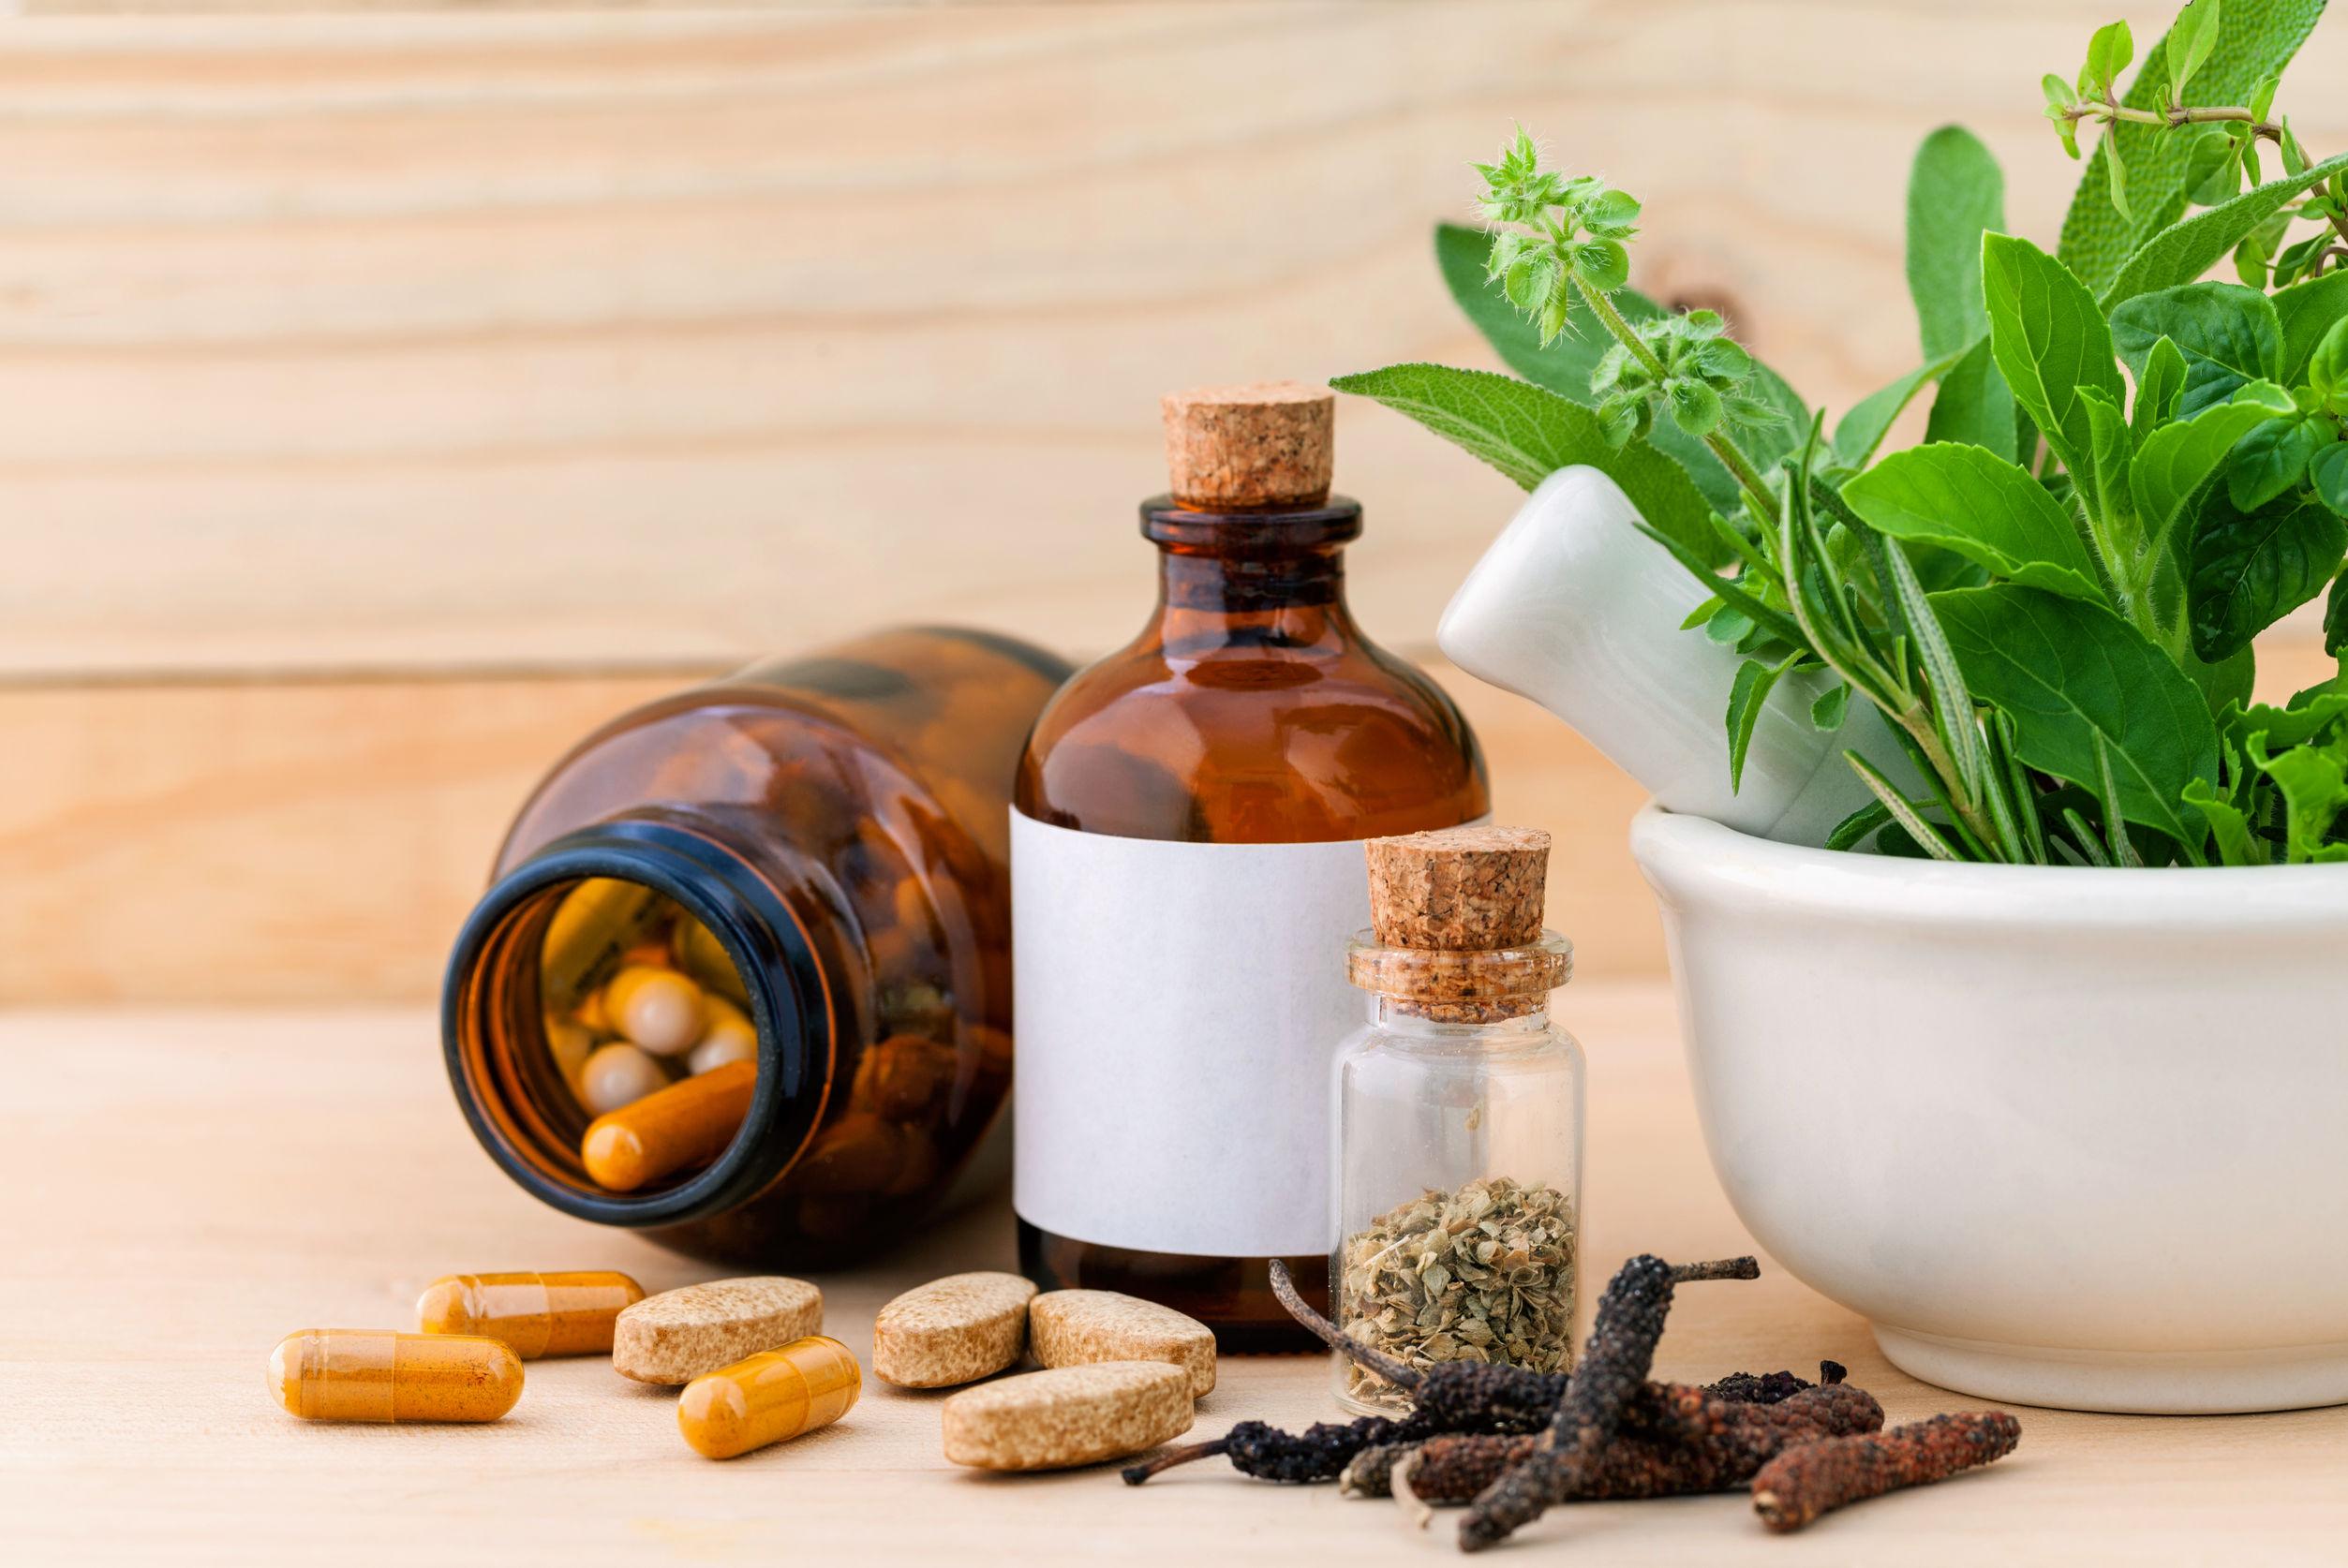 Cápsula de hierbas, secas y hierbas frescas de atención médica alternativa con mortero sobre fondo de madera.